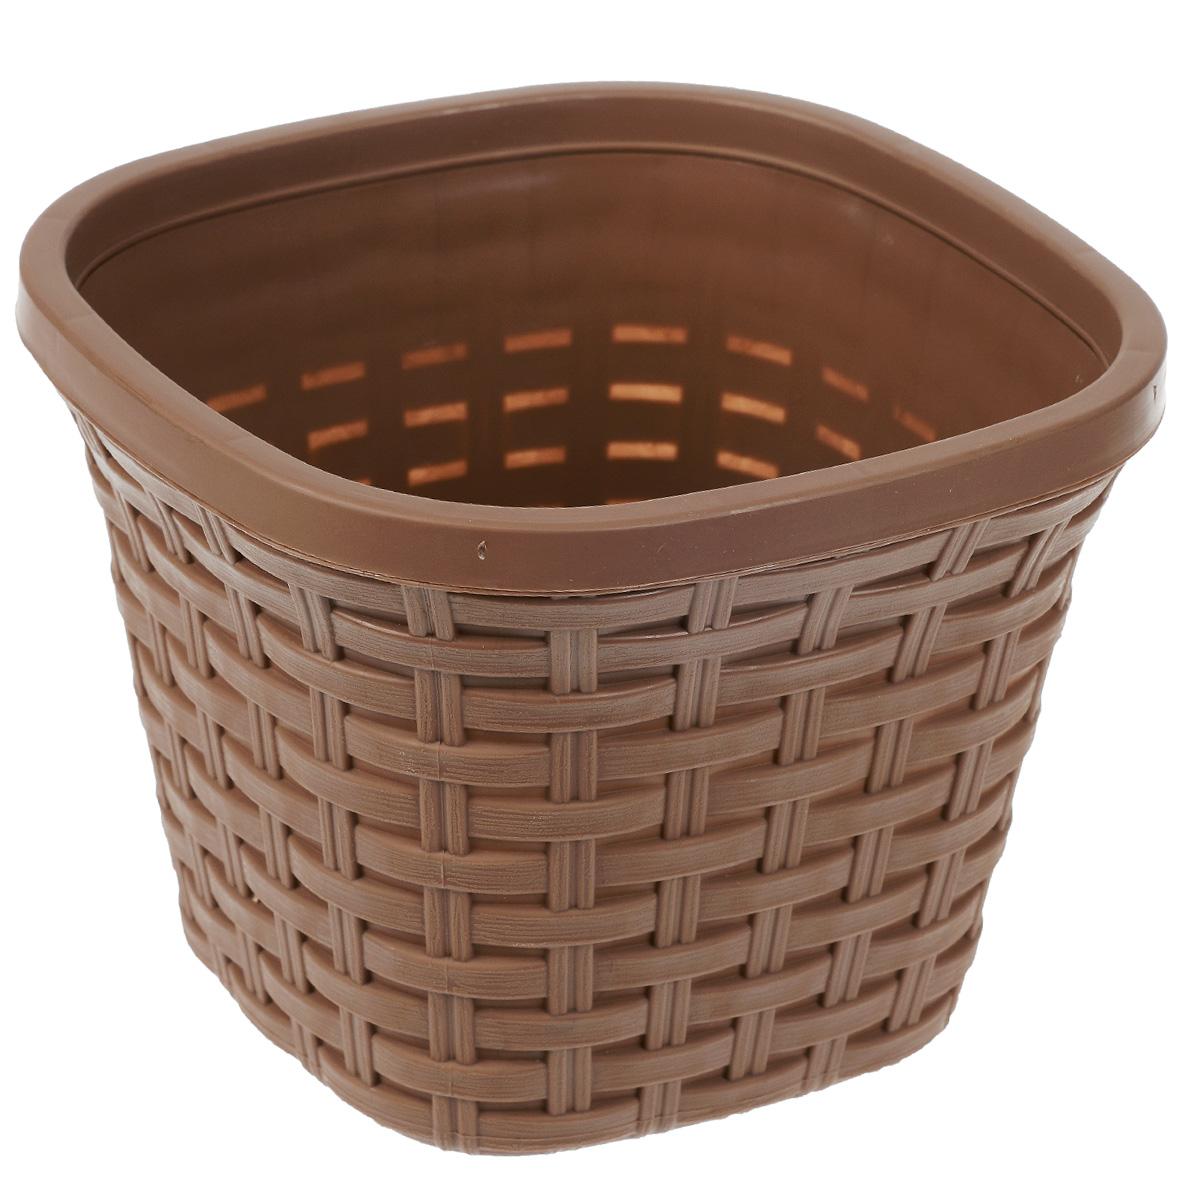 Кашпо Violet Ротанг, с дренажной системой, цвет: какао, 2,6 л33260/17Кашпо Violet Ротанг изготовлено из высококачественного пластика и оснащено дренажной системой для быстрого отведения избытка воды при поливе. Изделие прекрасно подходит для выращивания растений и цветов в домашних условиях. Лаконичный дизайн впишется в интерьер любого помещения. Объем: 2,6 л.